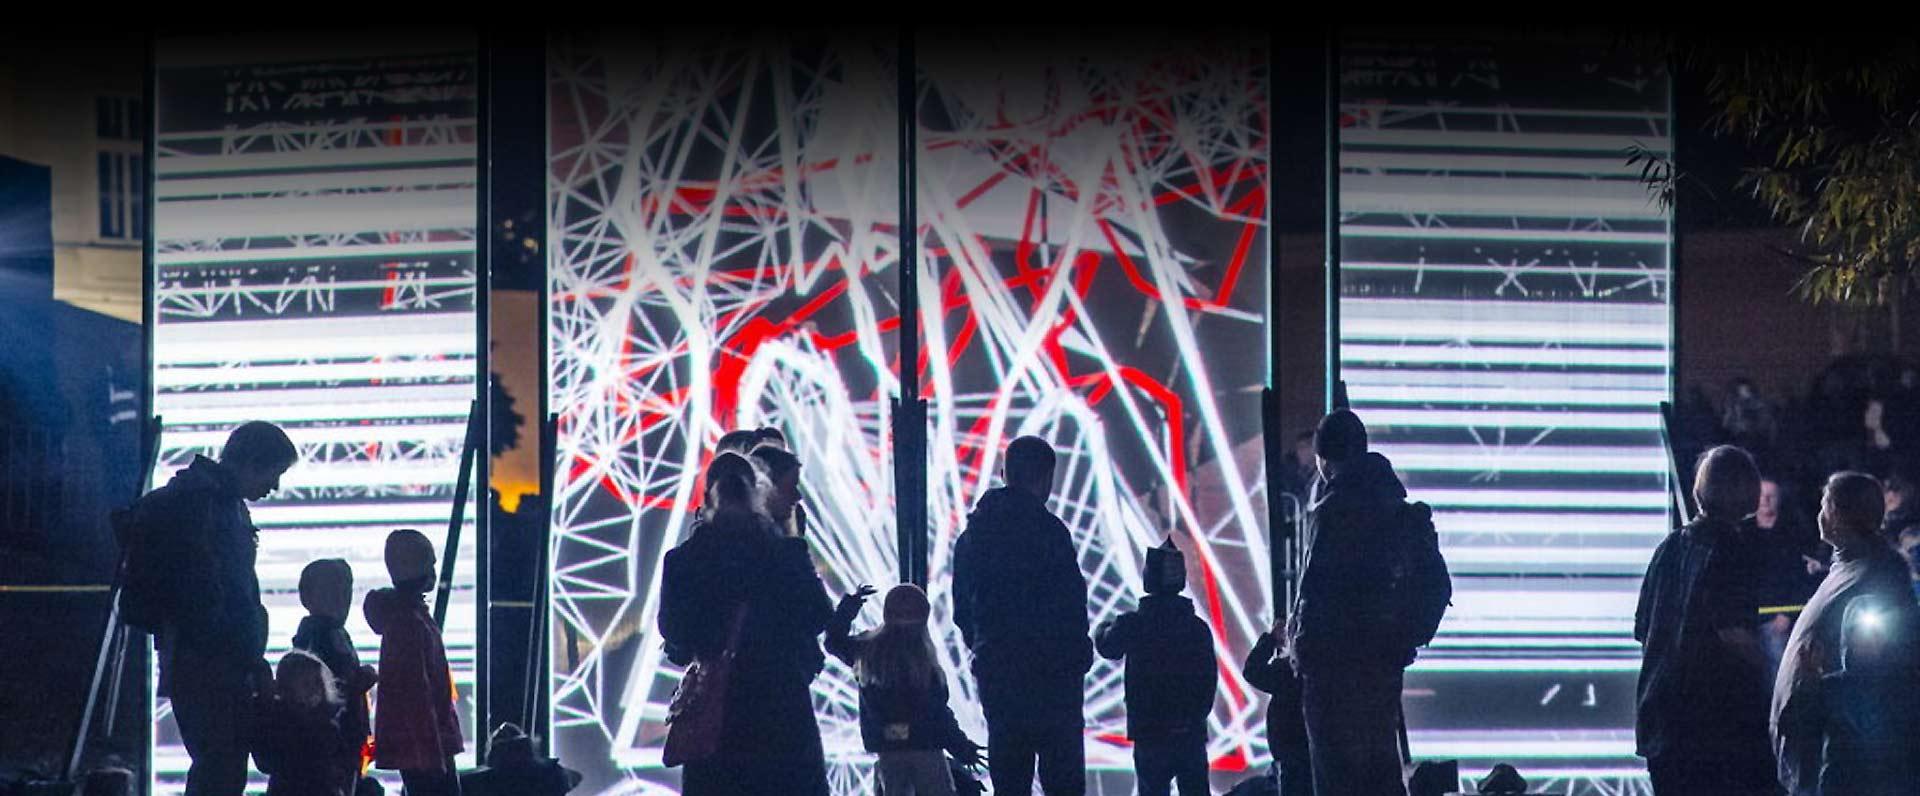 joao_martinho_moura-exhibition_PRAGUE_ART